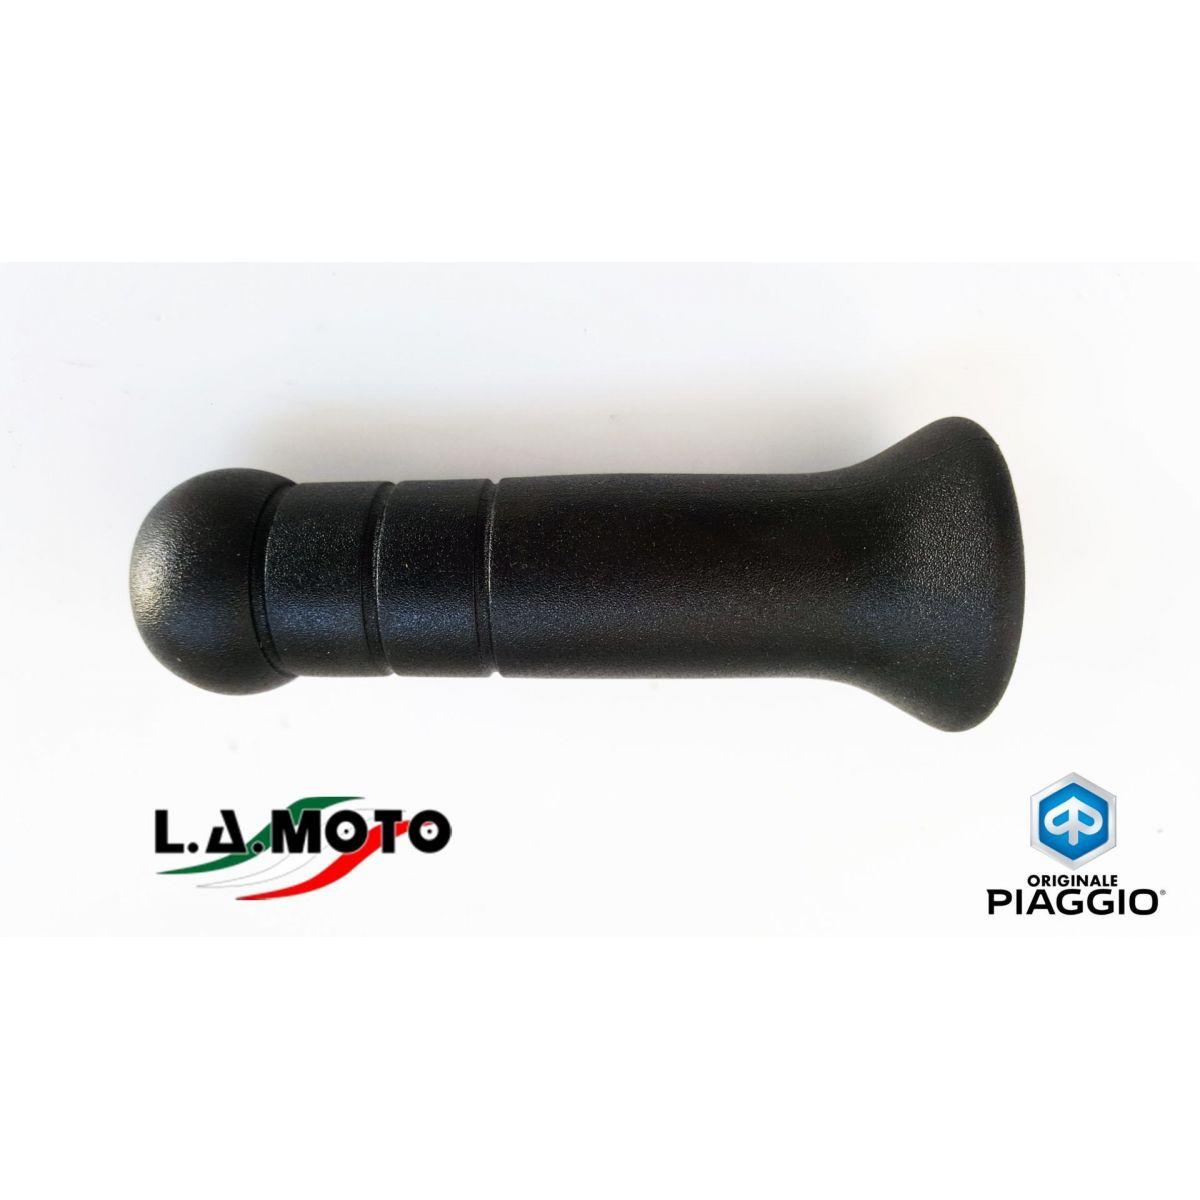 COPPIA MANOPOLE PER PIAGGIO SI/ SFERA 50, COD. 267205